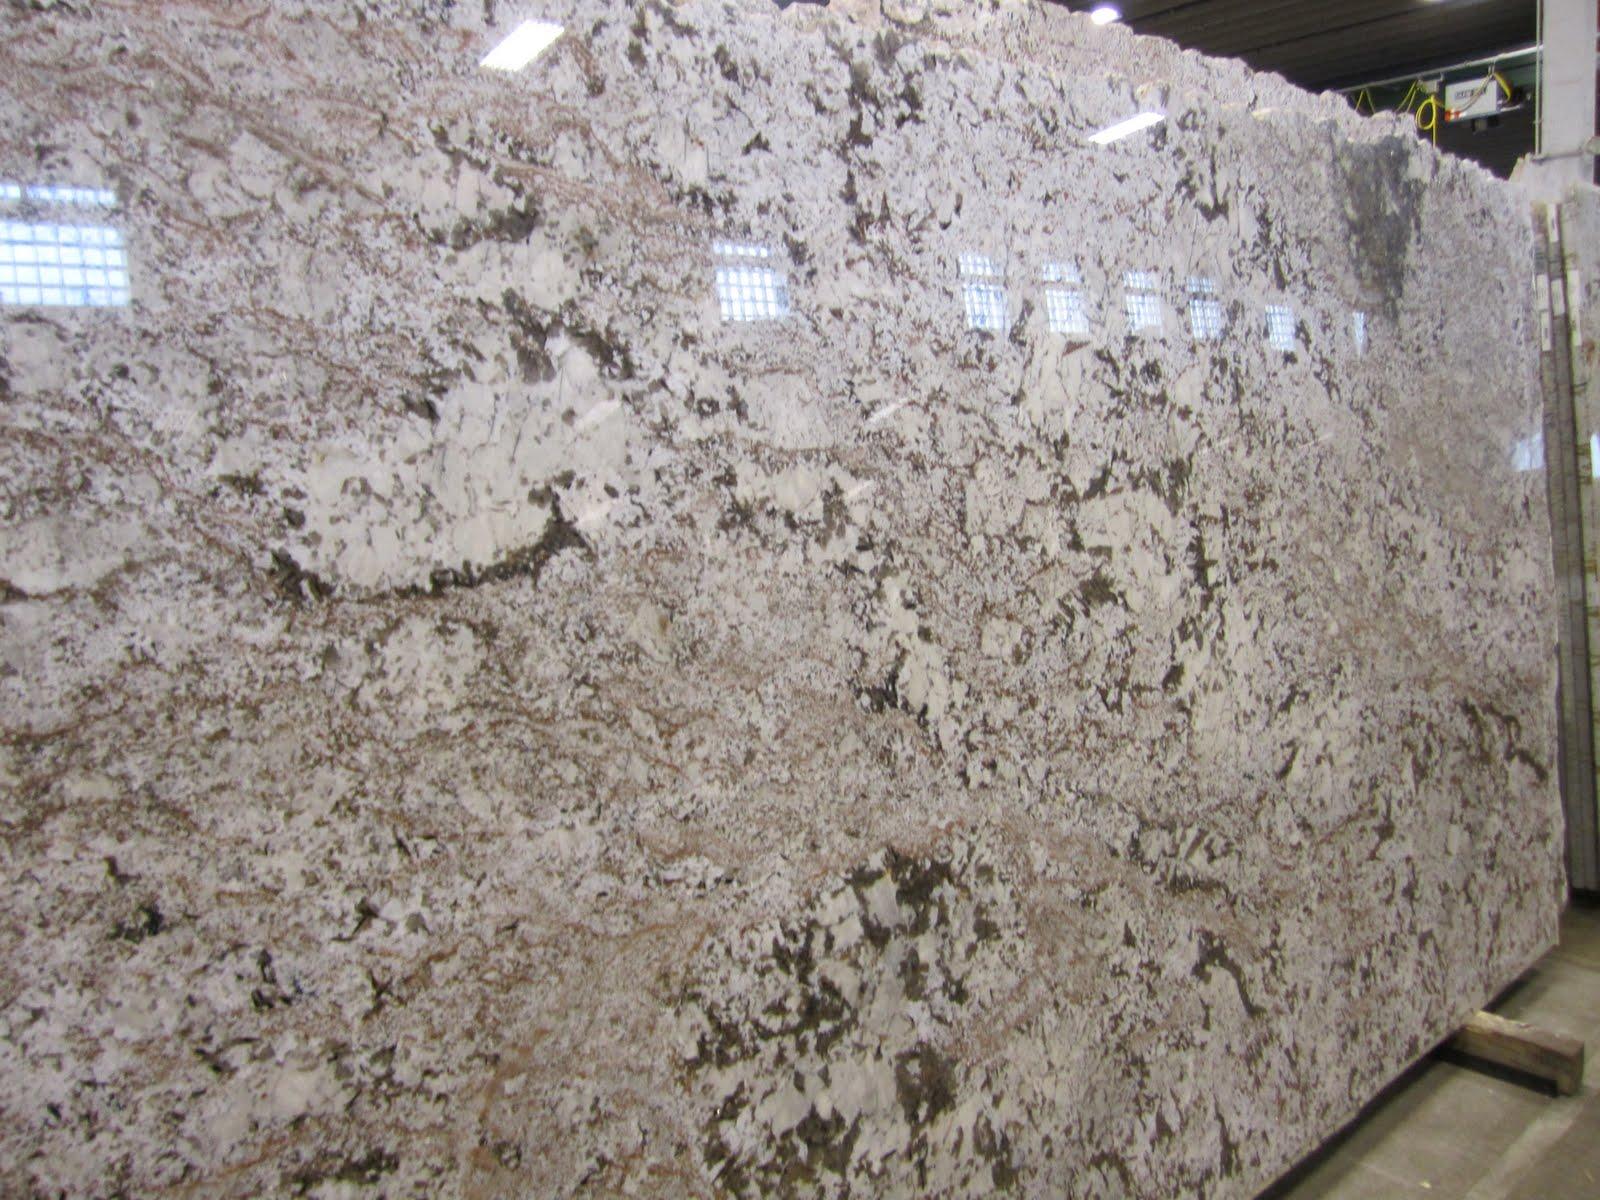 Usc granite bianco antico 123 x 67 115 x 72 113 x 60 for Granito blanco antico